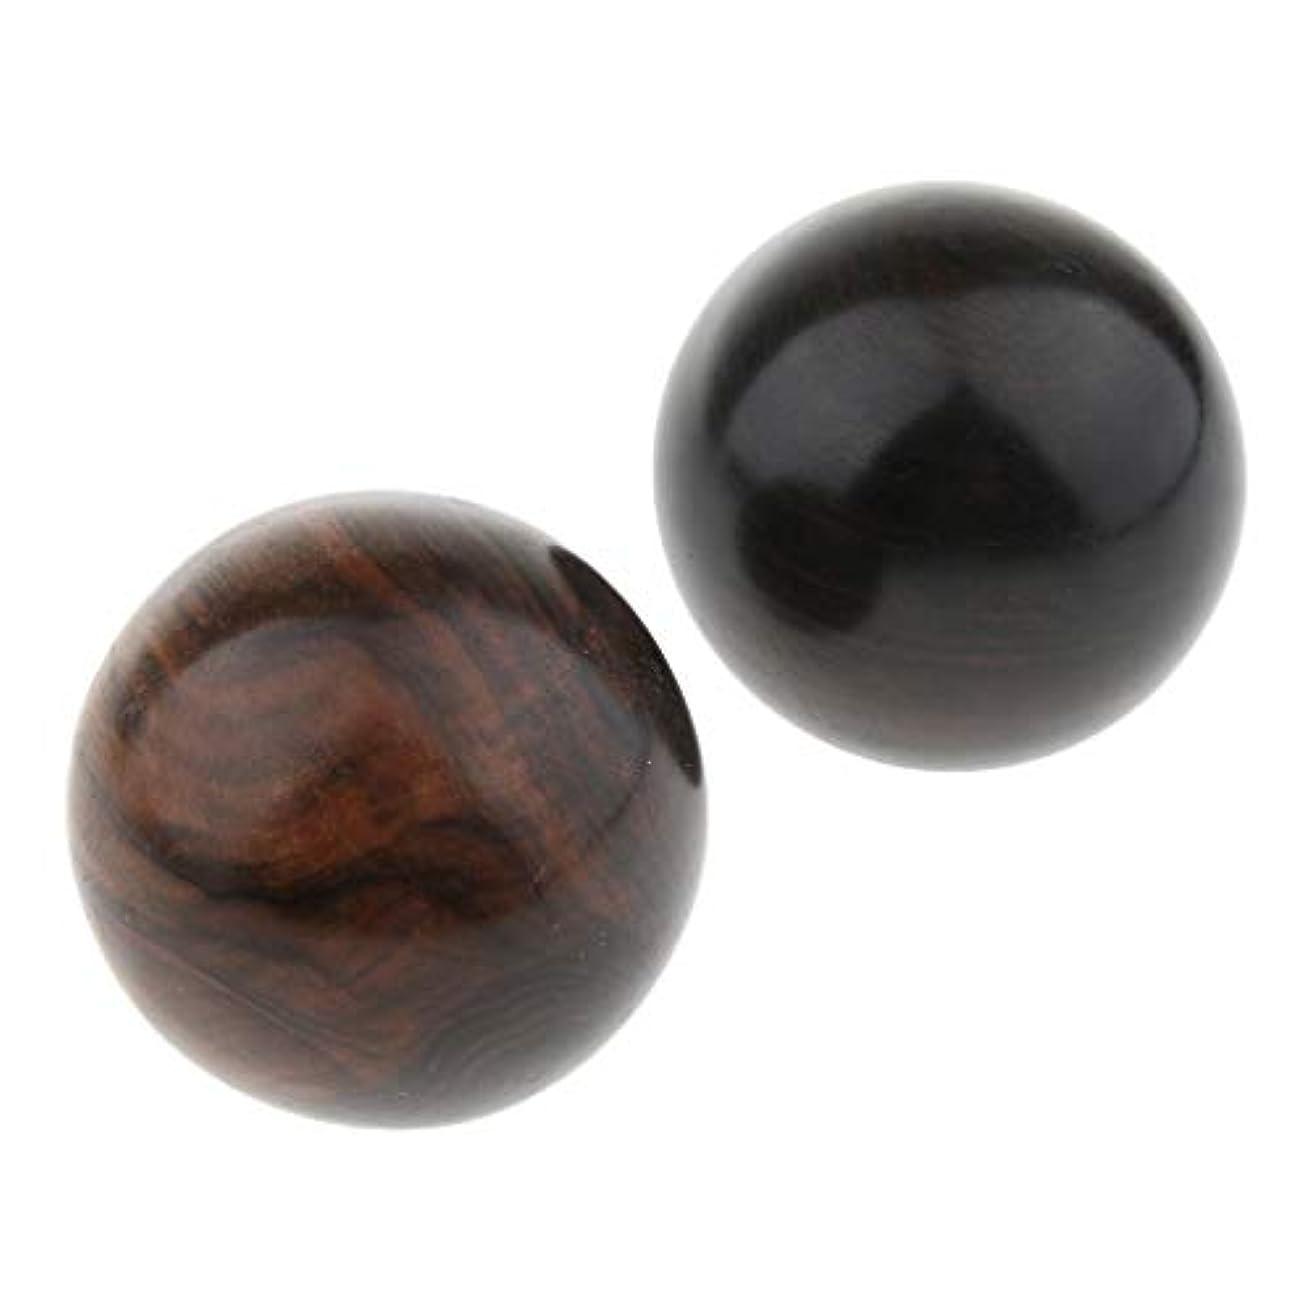 帝国帝国学部長Baoblaze ハンドボール マッサージボール 木製 ストレス解消 運動 トリガーポイント 2個入